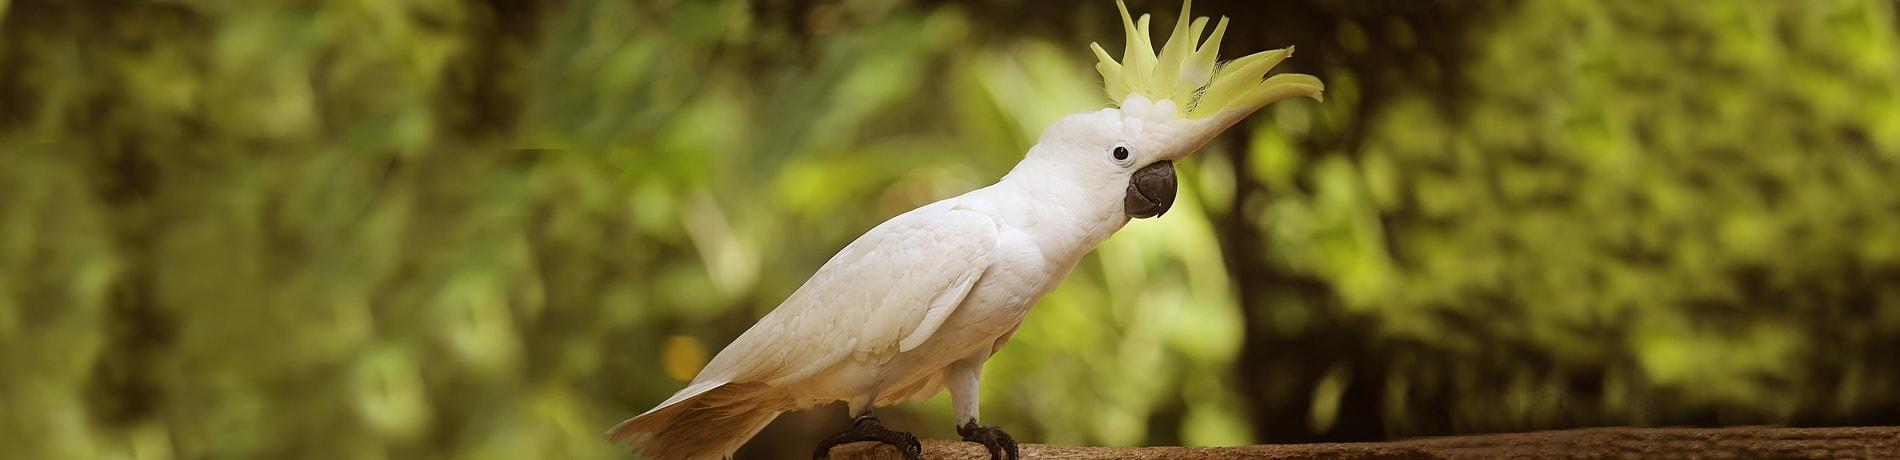 Papegaai leren praten